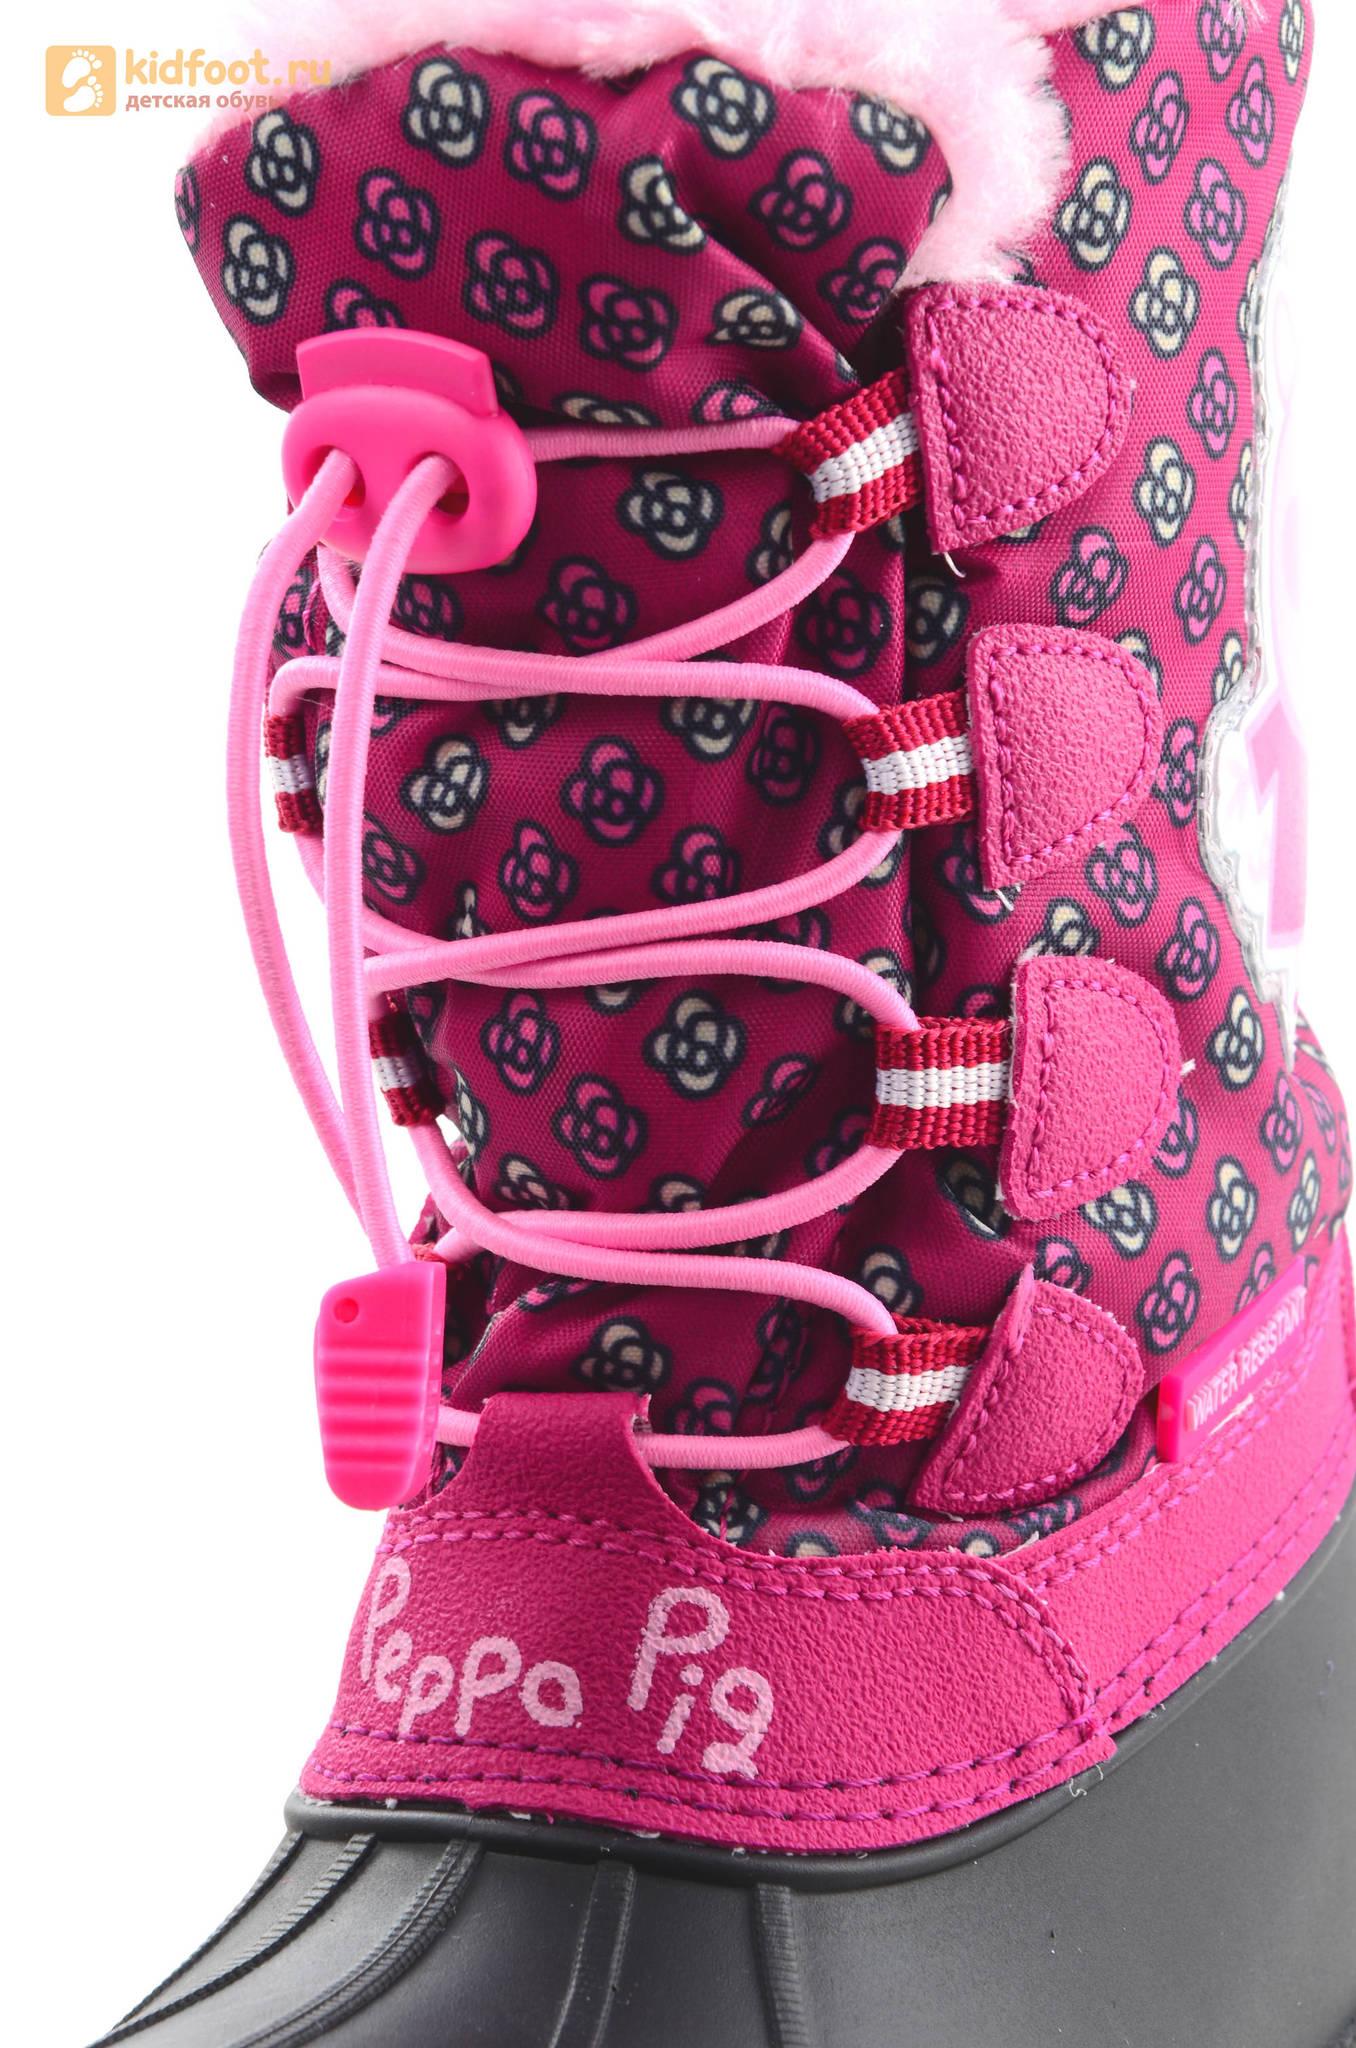 Зимние сапоги для девочек непромокаемые с резиновой галошей Свинка Пеппа (Peppa Pig), цвет фуксия, Water Resistant